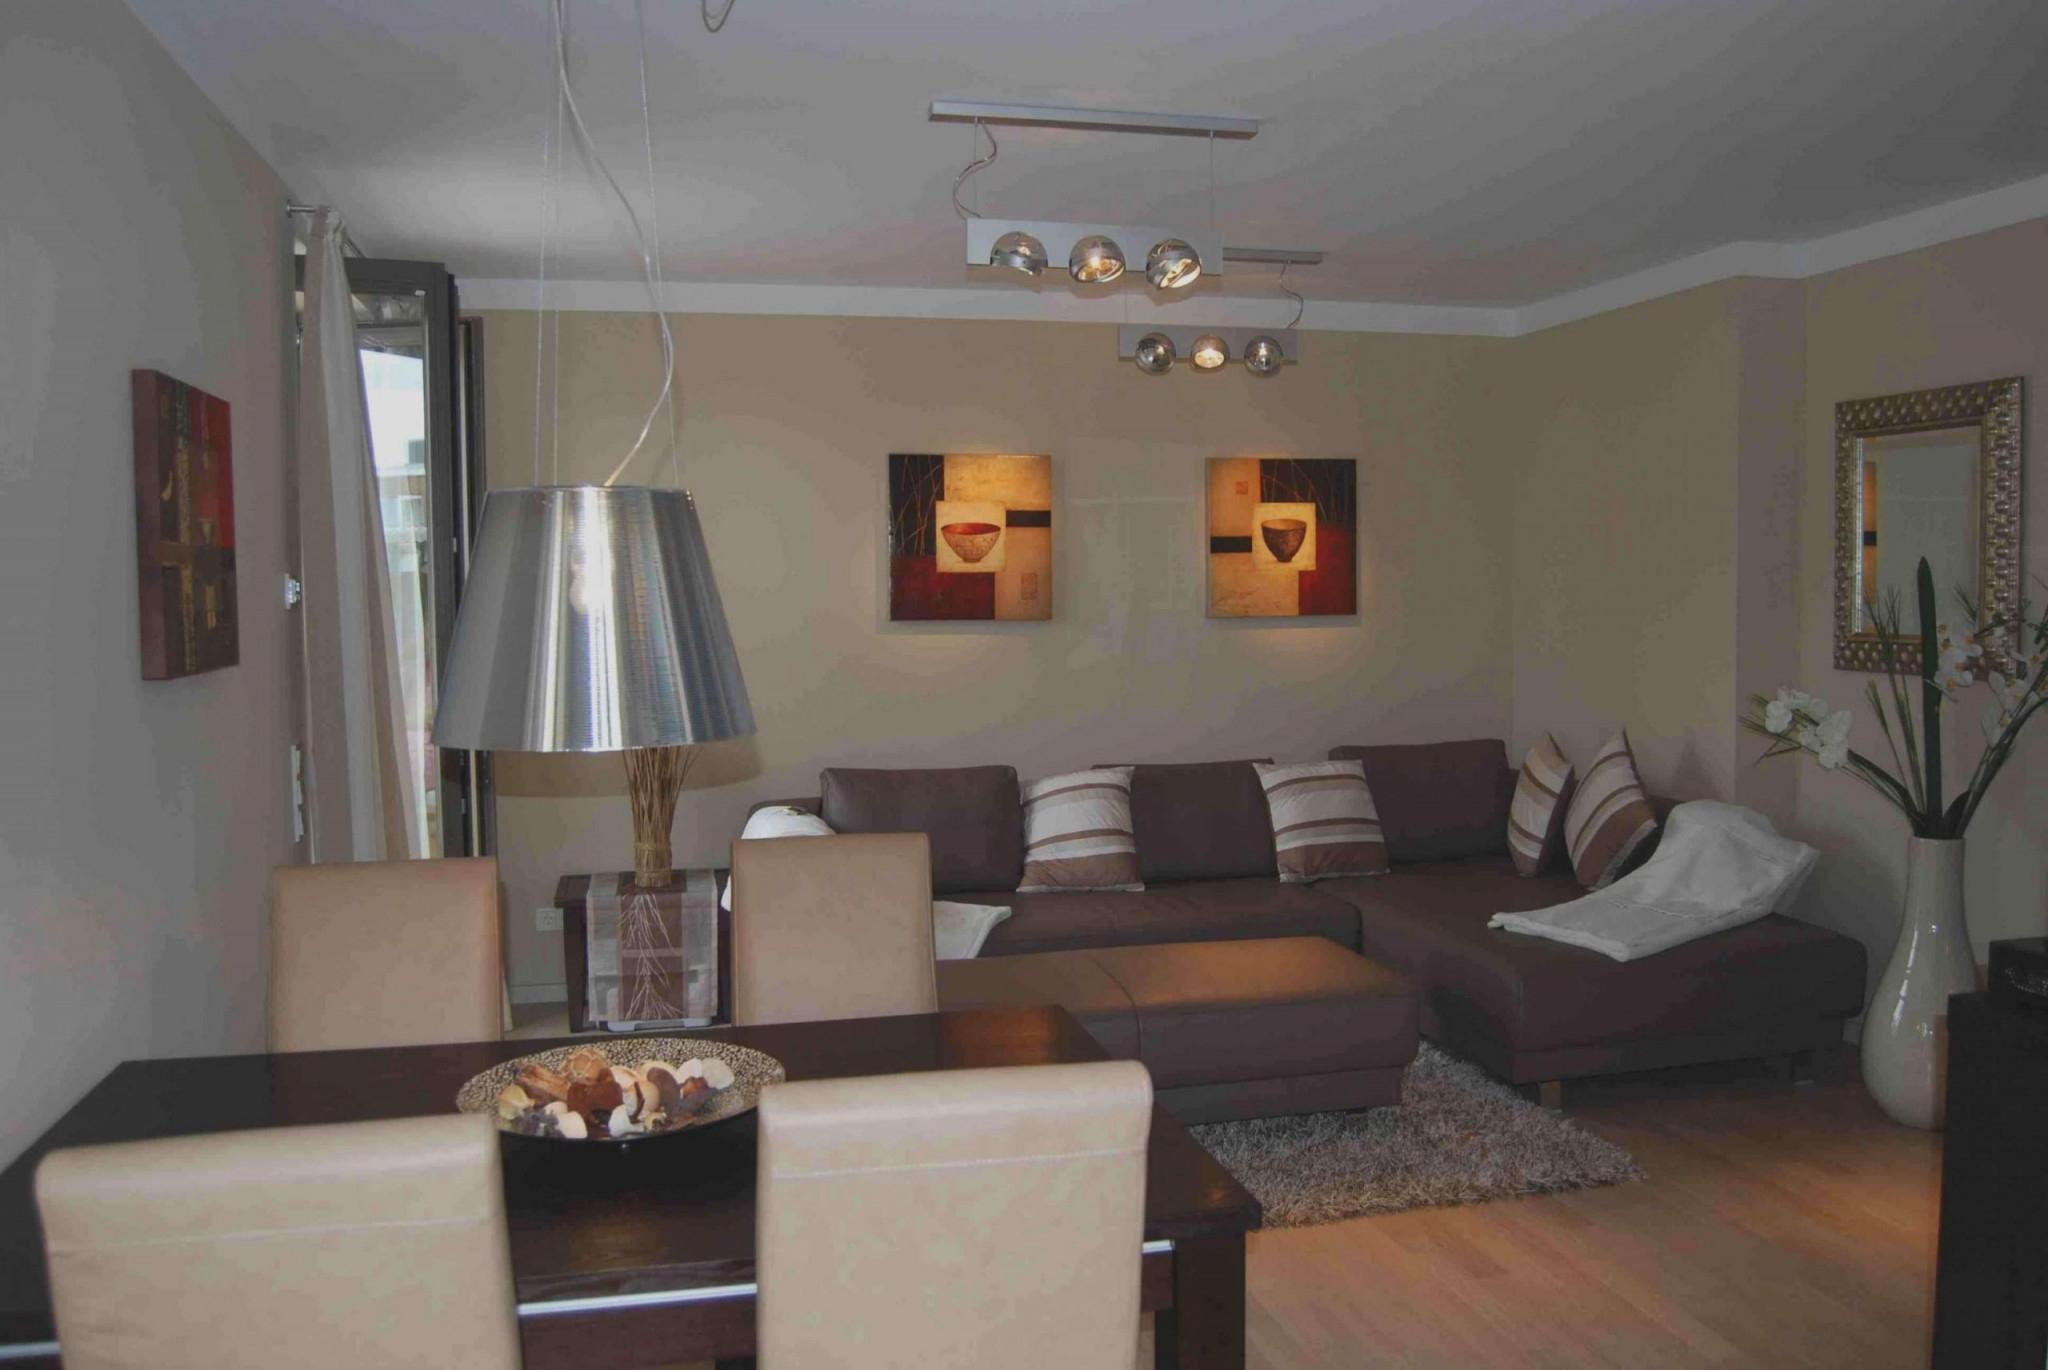 30 Luxus Kleines Wohnzimmer Mit Essbereich Einrichten von Kleines Wohnzimmer Optimal Einrichten Photo